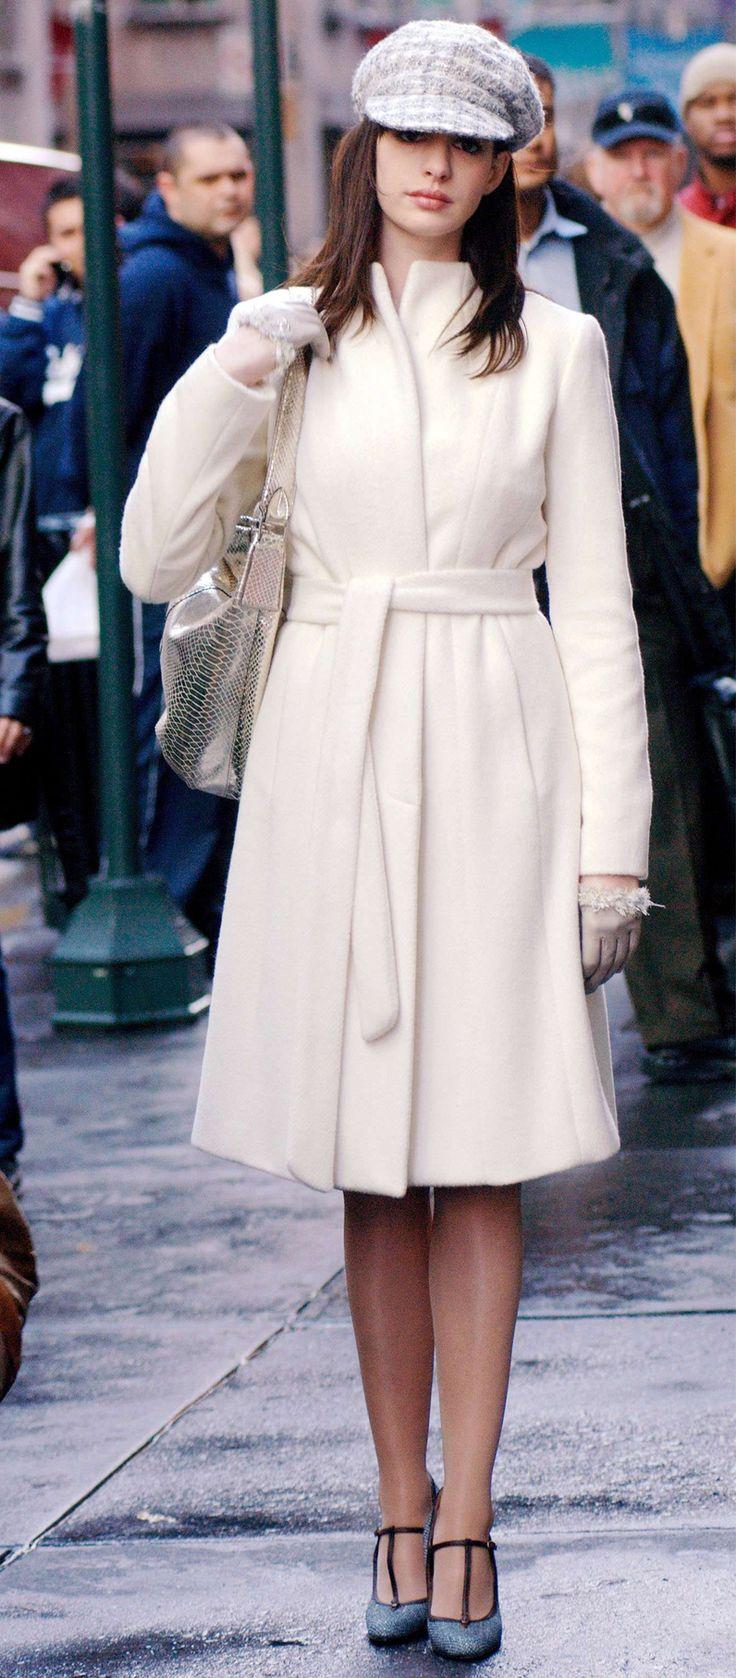 Le manteau blanc - Les 10 tenues inoubliables du «Diable s'habille en Prada» - Elle